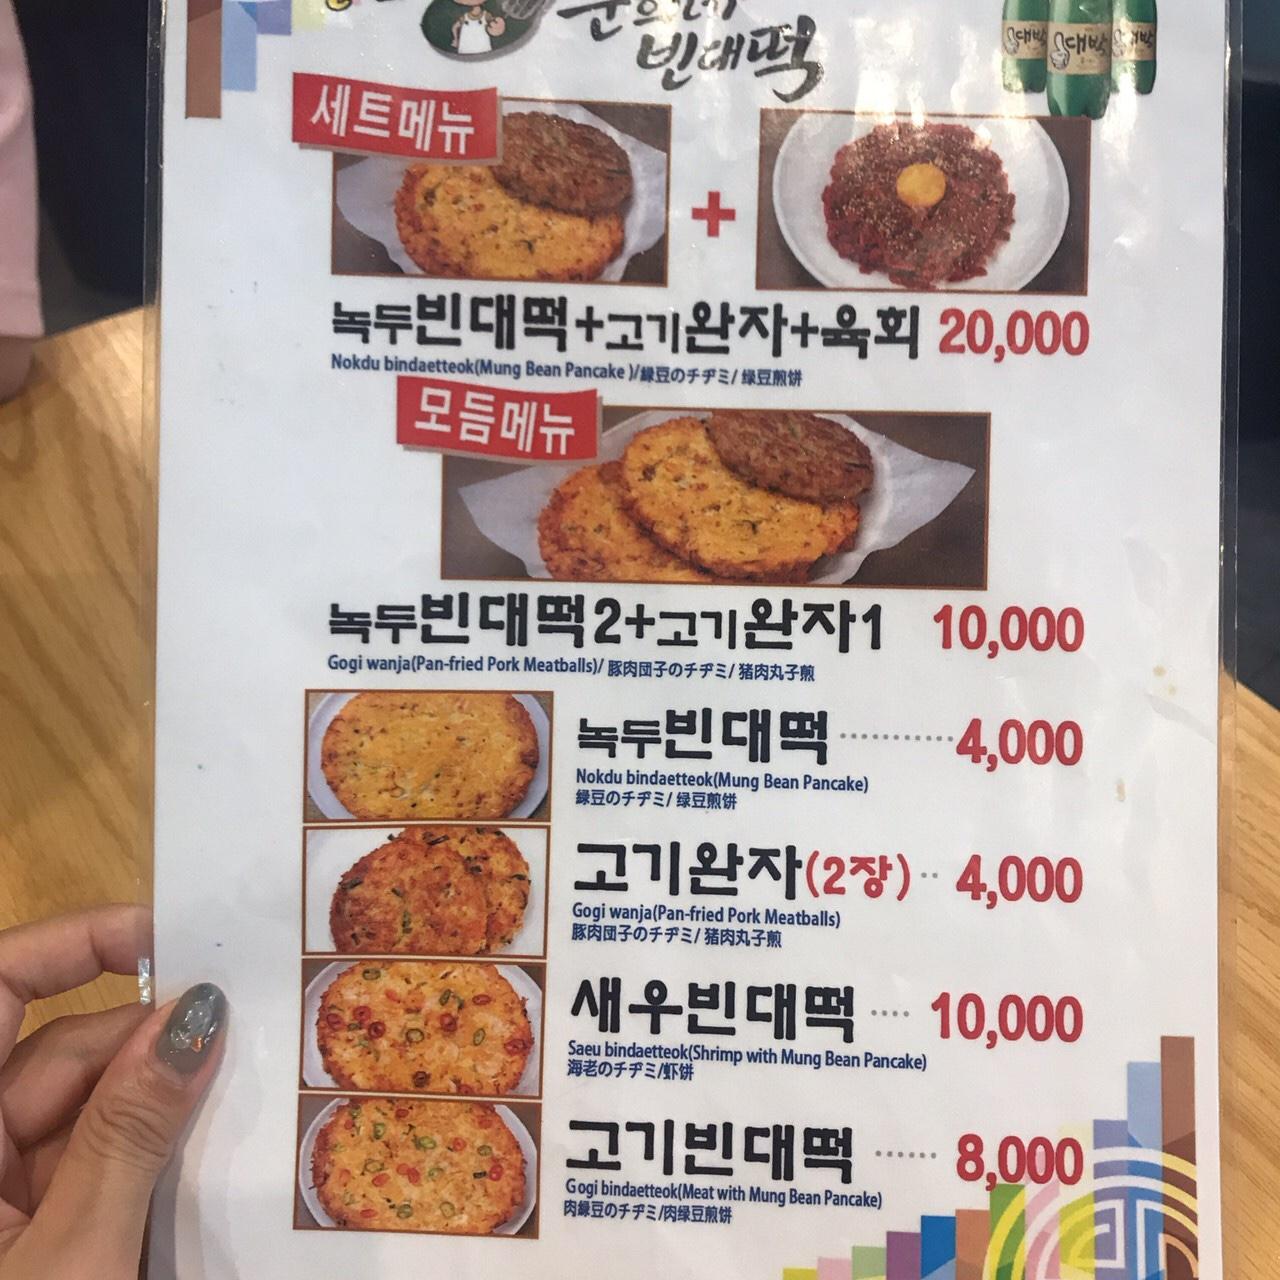 広蔵市場 野菜チヂミ メニュー